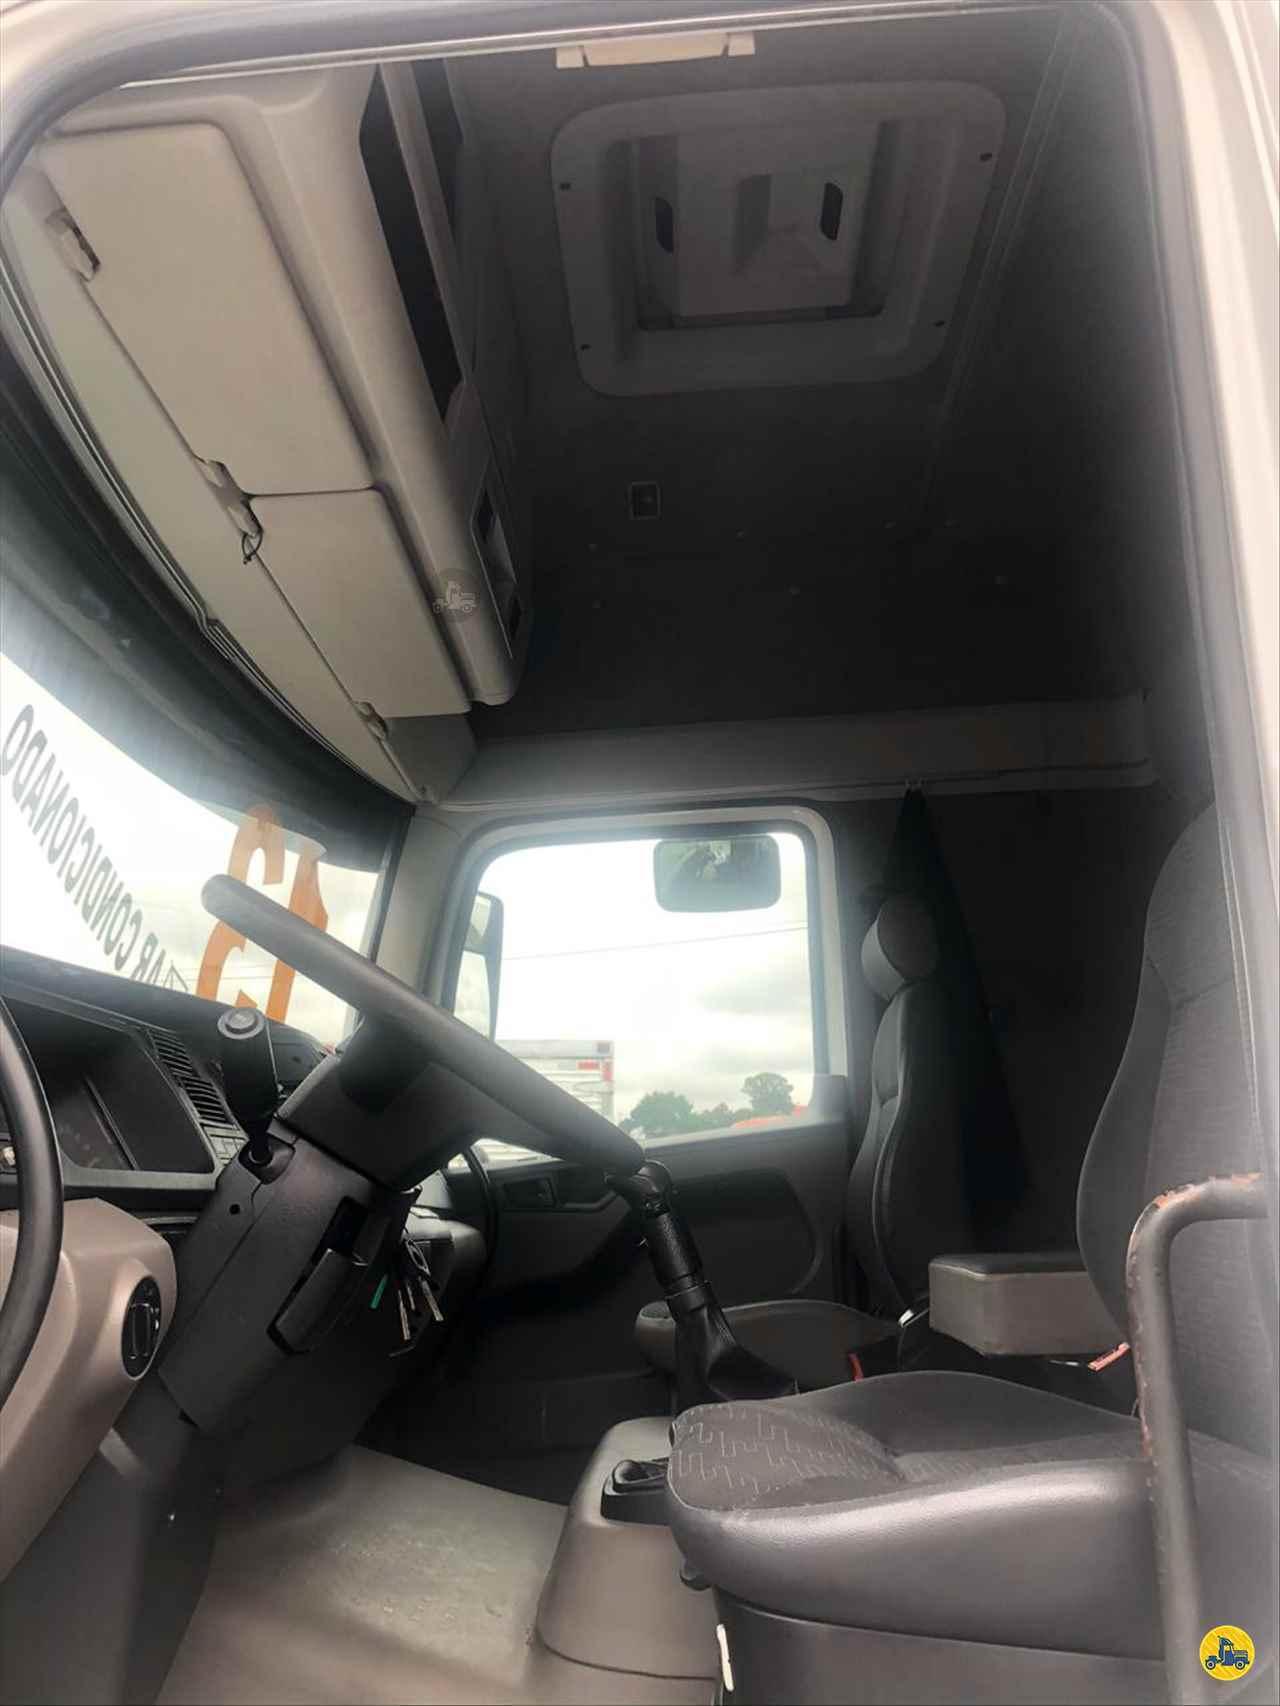 VOLKSWAGEN VW 25390 441124km 2013/2013 Mugen Caminhões